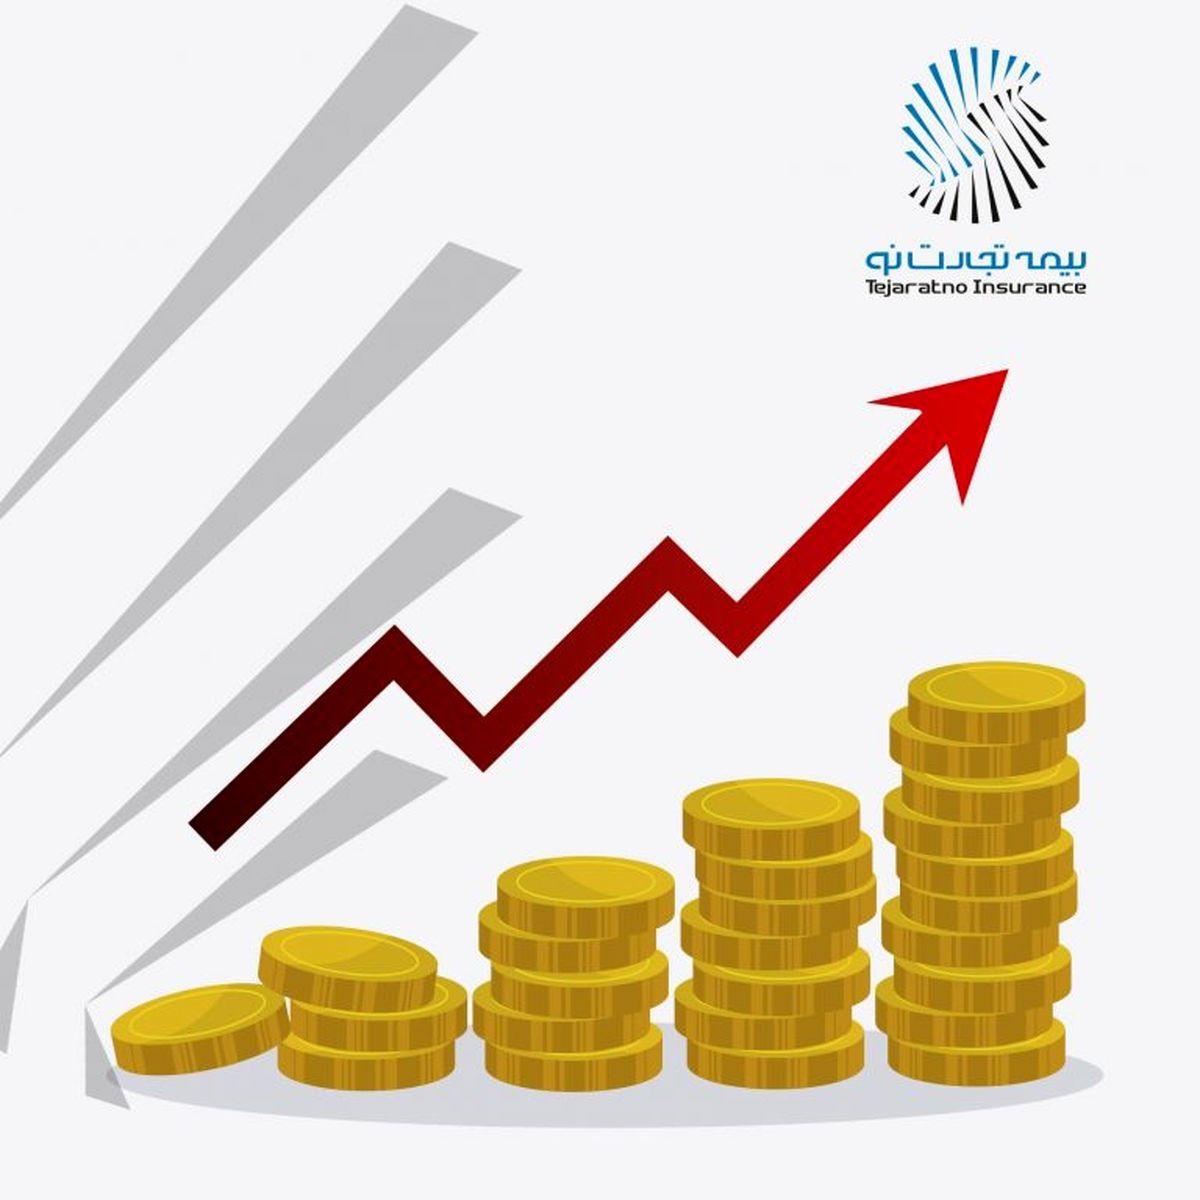 مهر تایید بیمه مرکزی بر سطح یک توانگری مالی تجارتنو